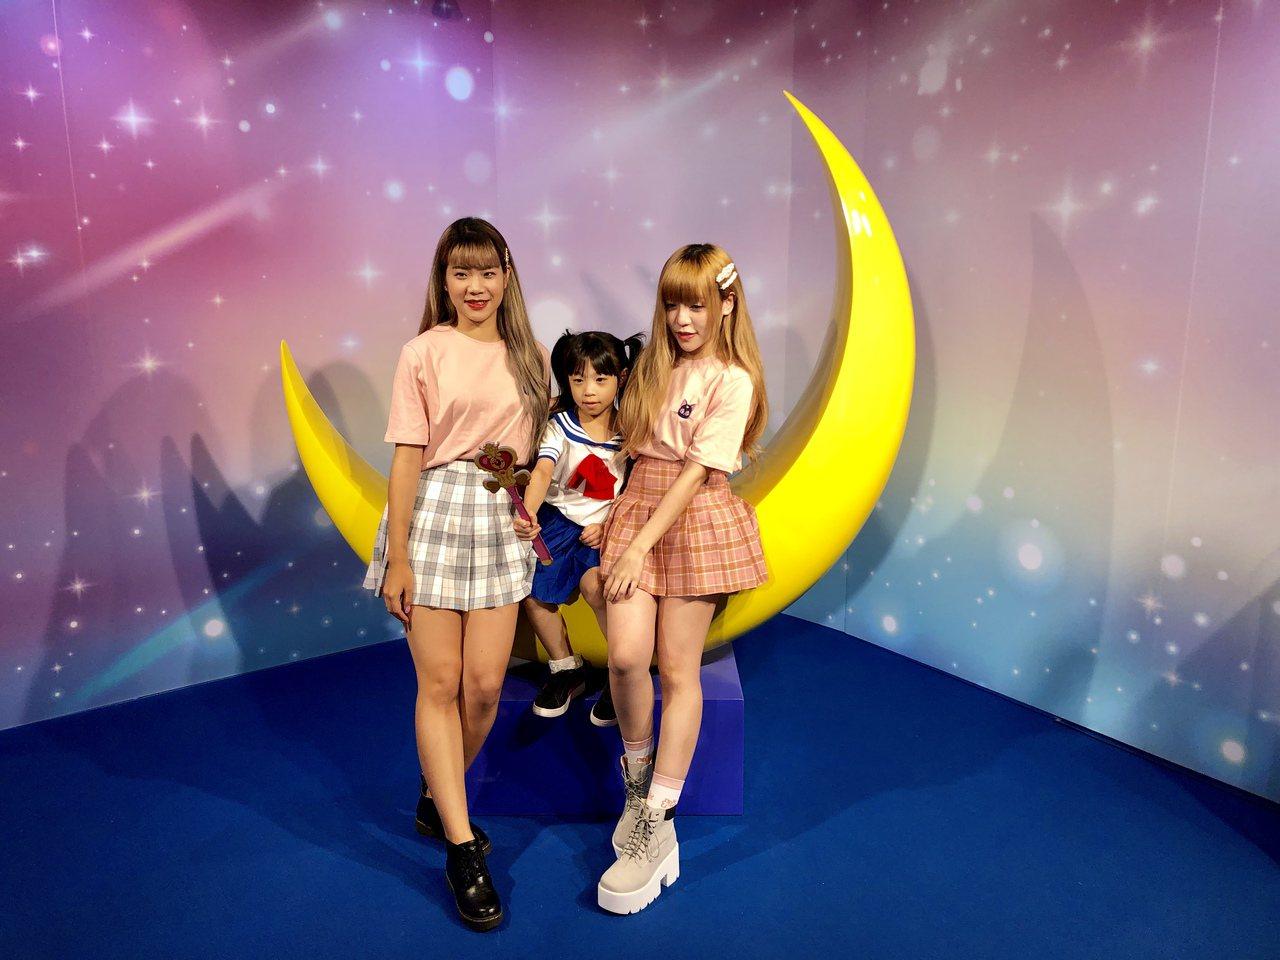 美少女戰士夢幻世界台中站,精心打造粉絲心目中的夢幻世界,還加碼推出全新變身場景,...